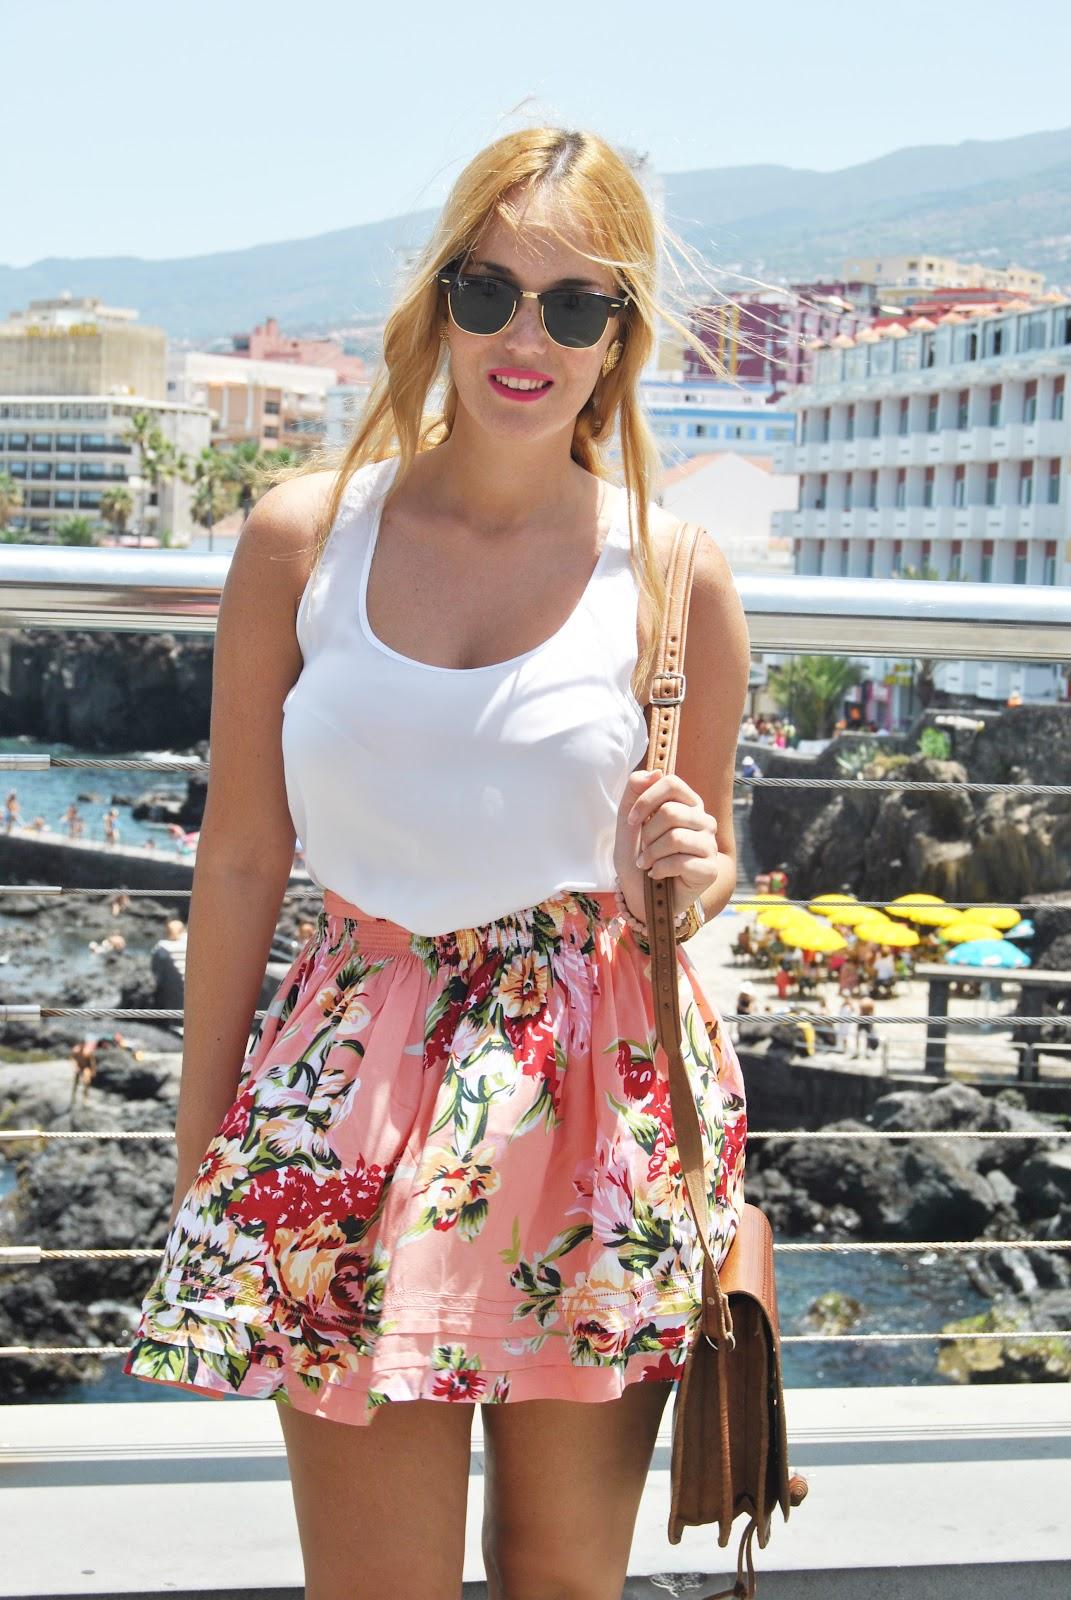 nery hdez, falda de flores, guess skirt, rayban , flowers skirt